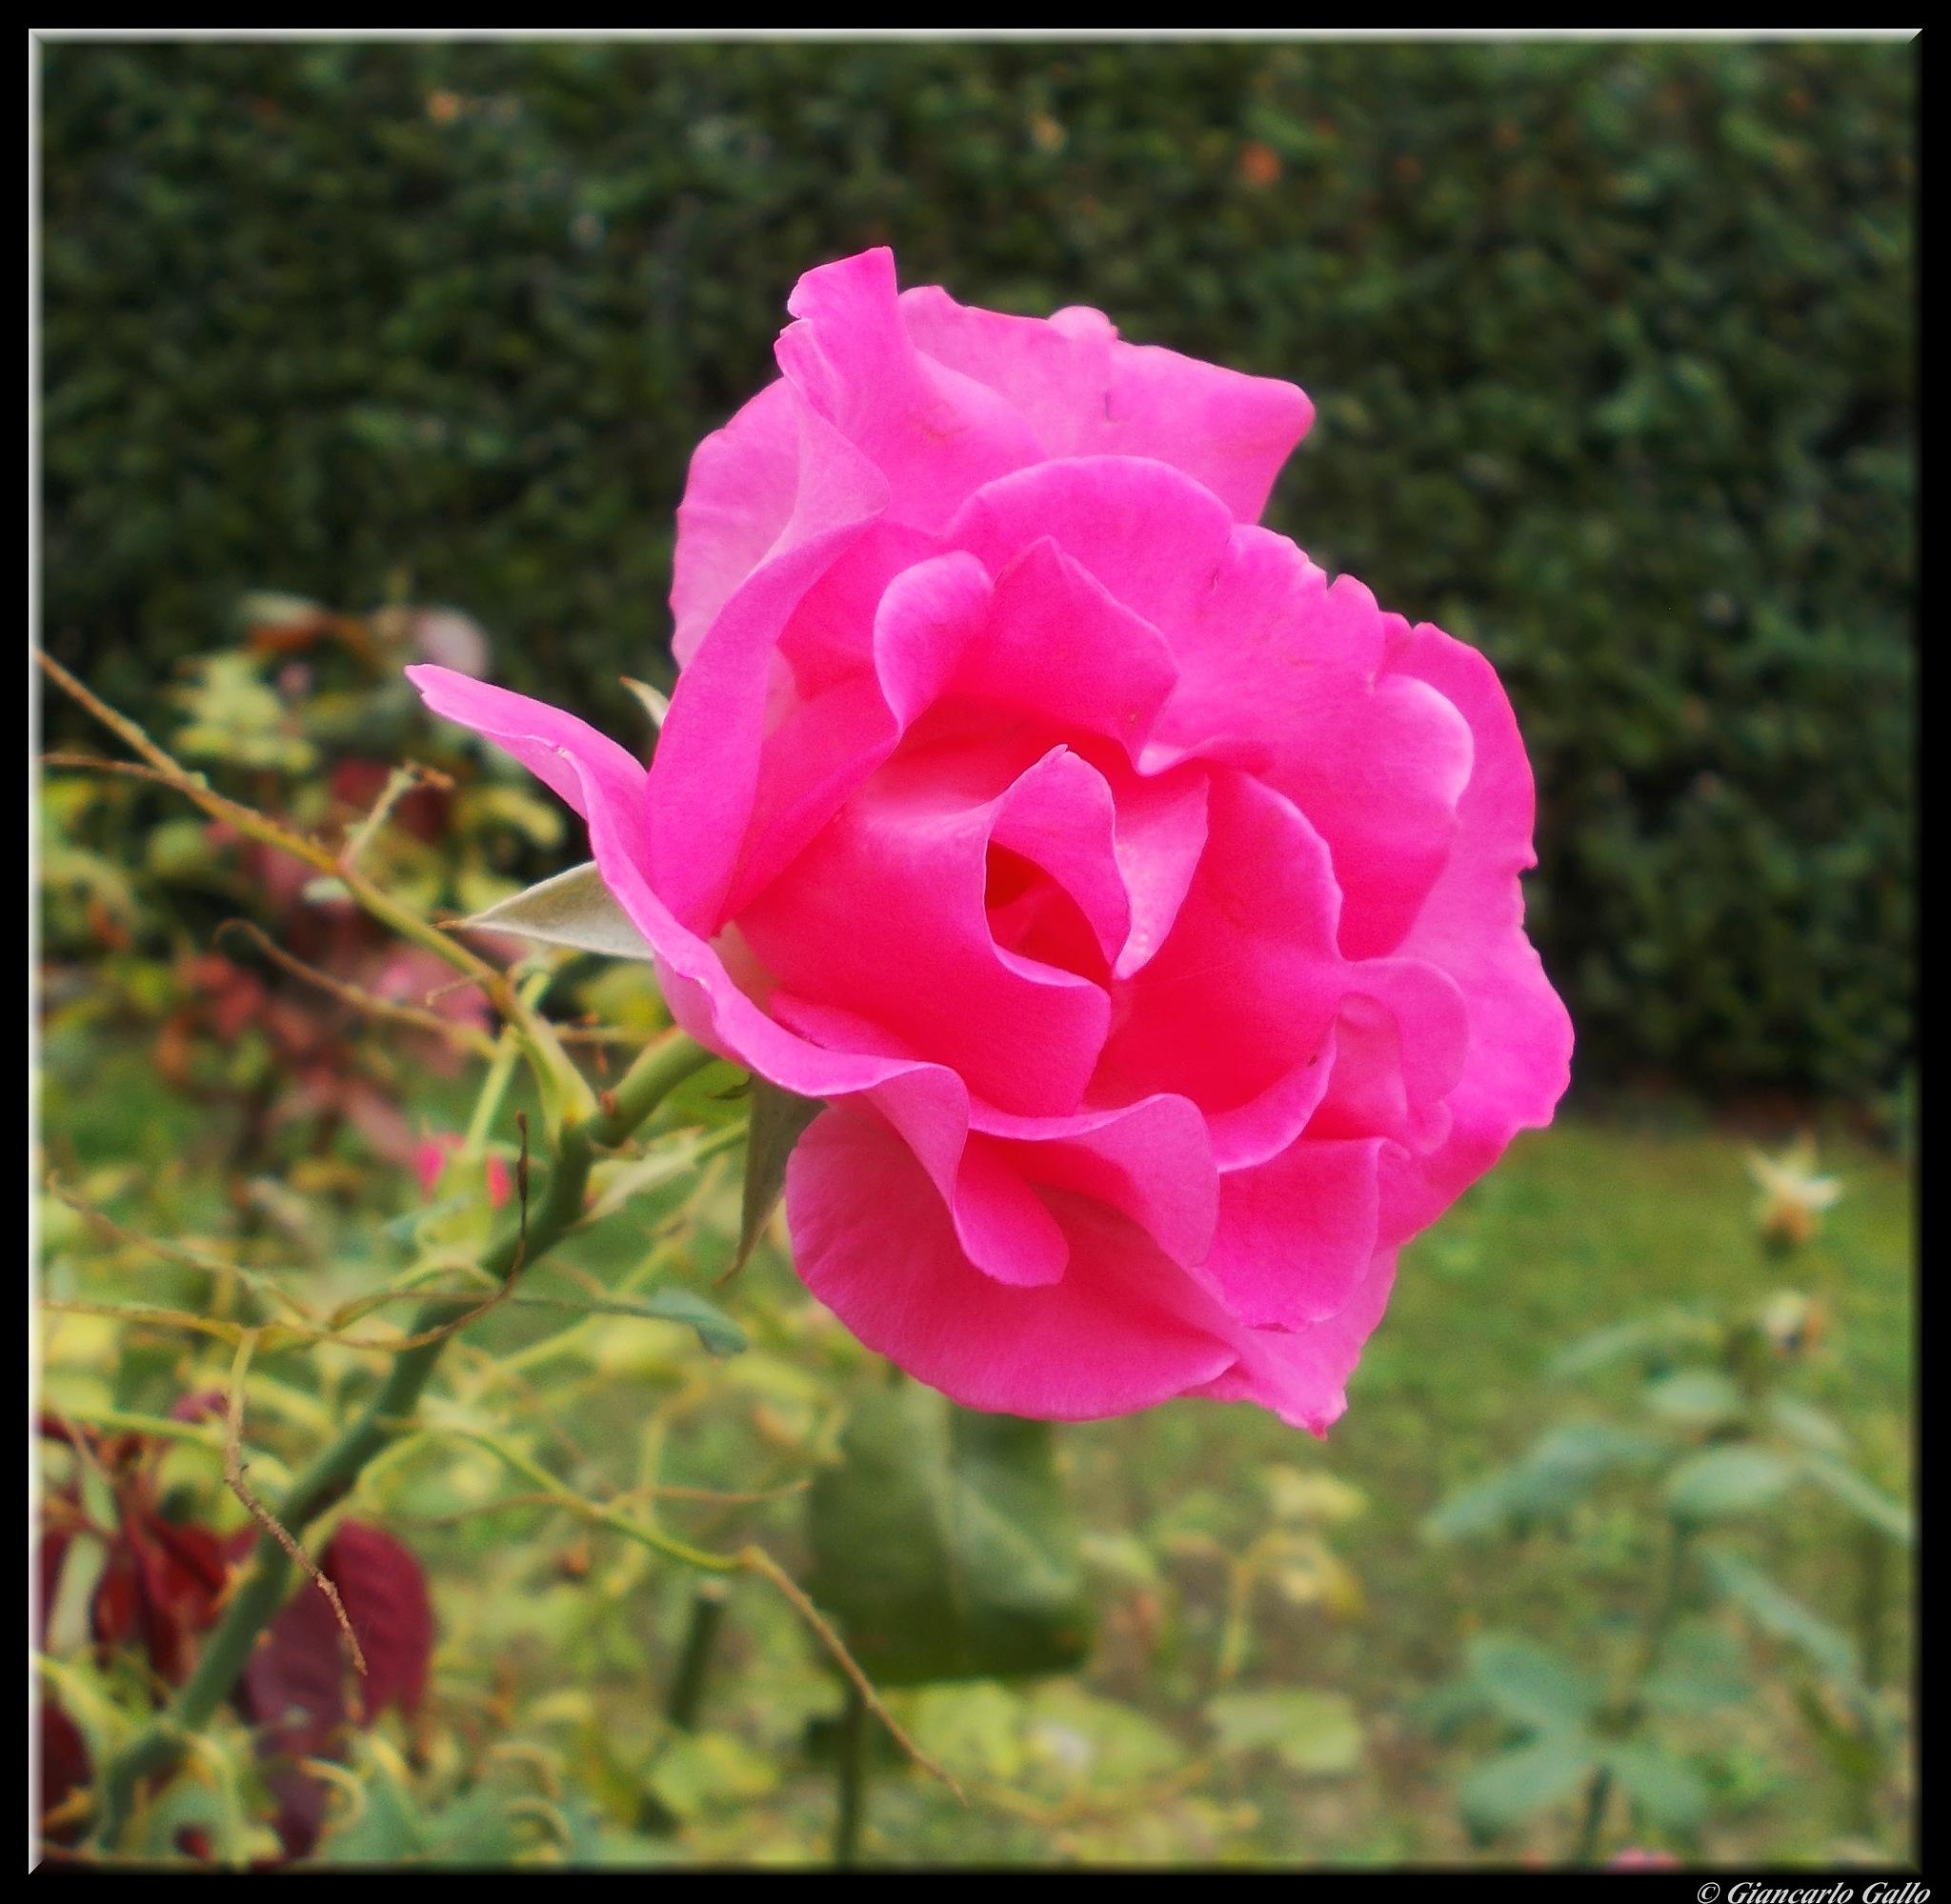 Autumn rose by Giancarlo Gallo